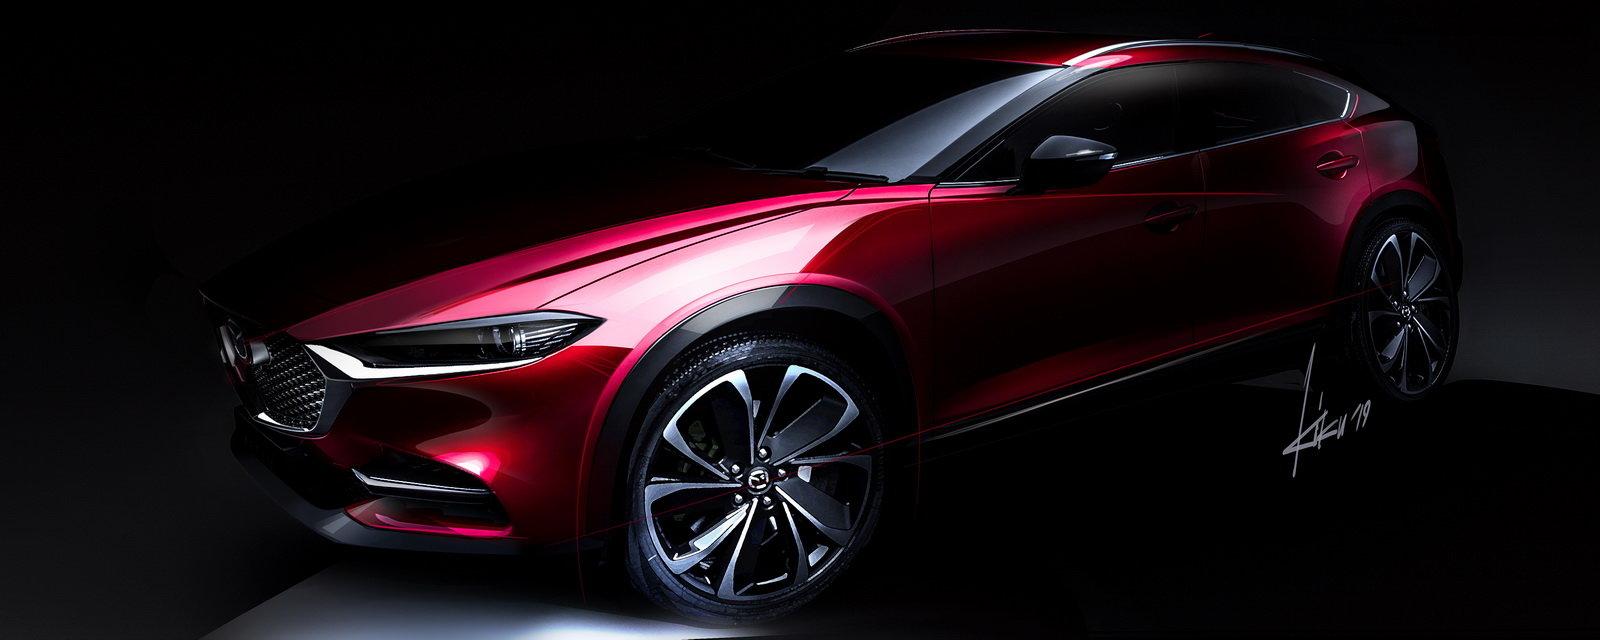 Модернизированная Mazda CX-4: первые фотографии